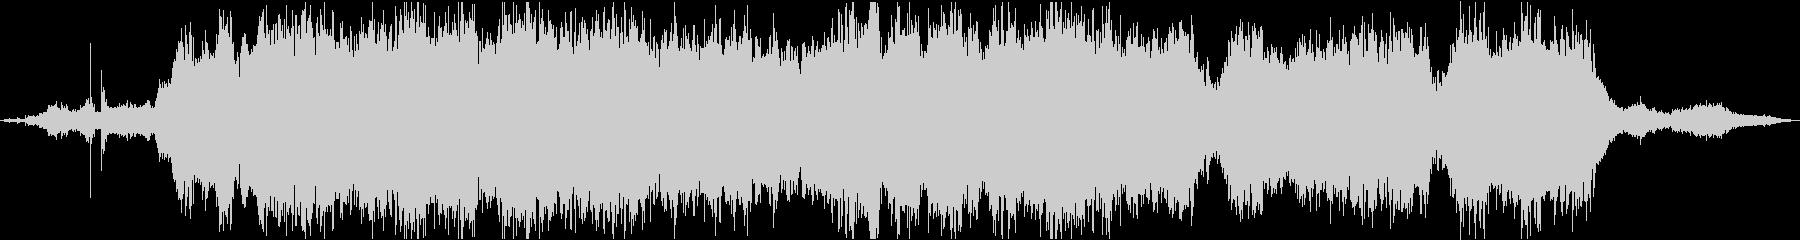 波の音とストリングスの癒し系BGMの未再生の波形